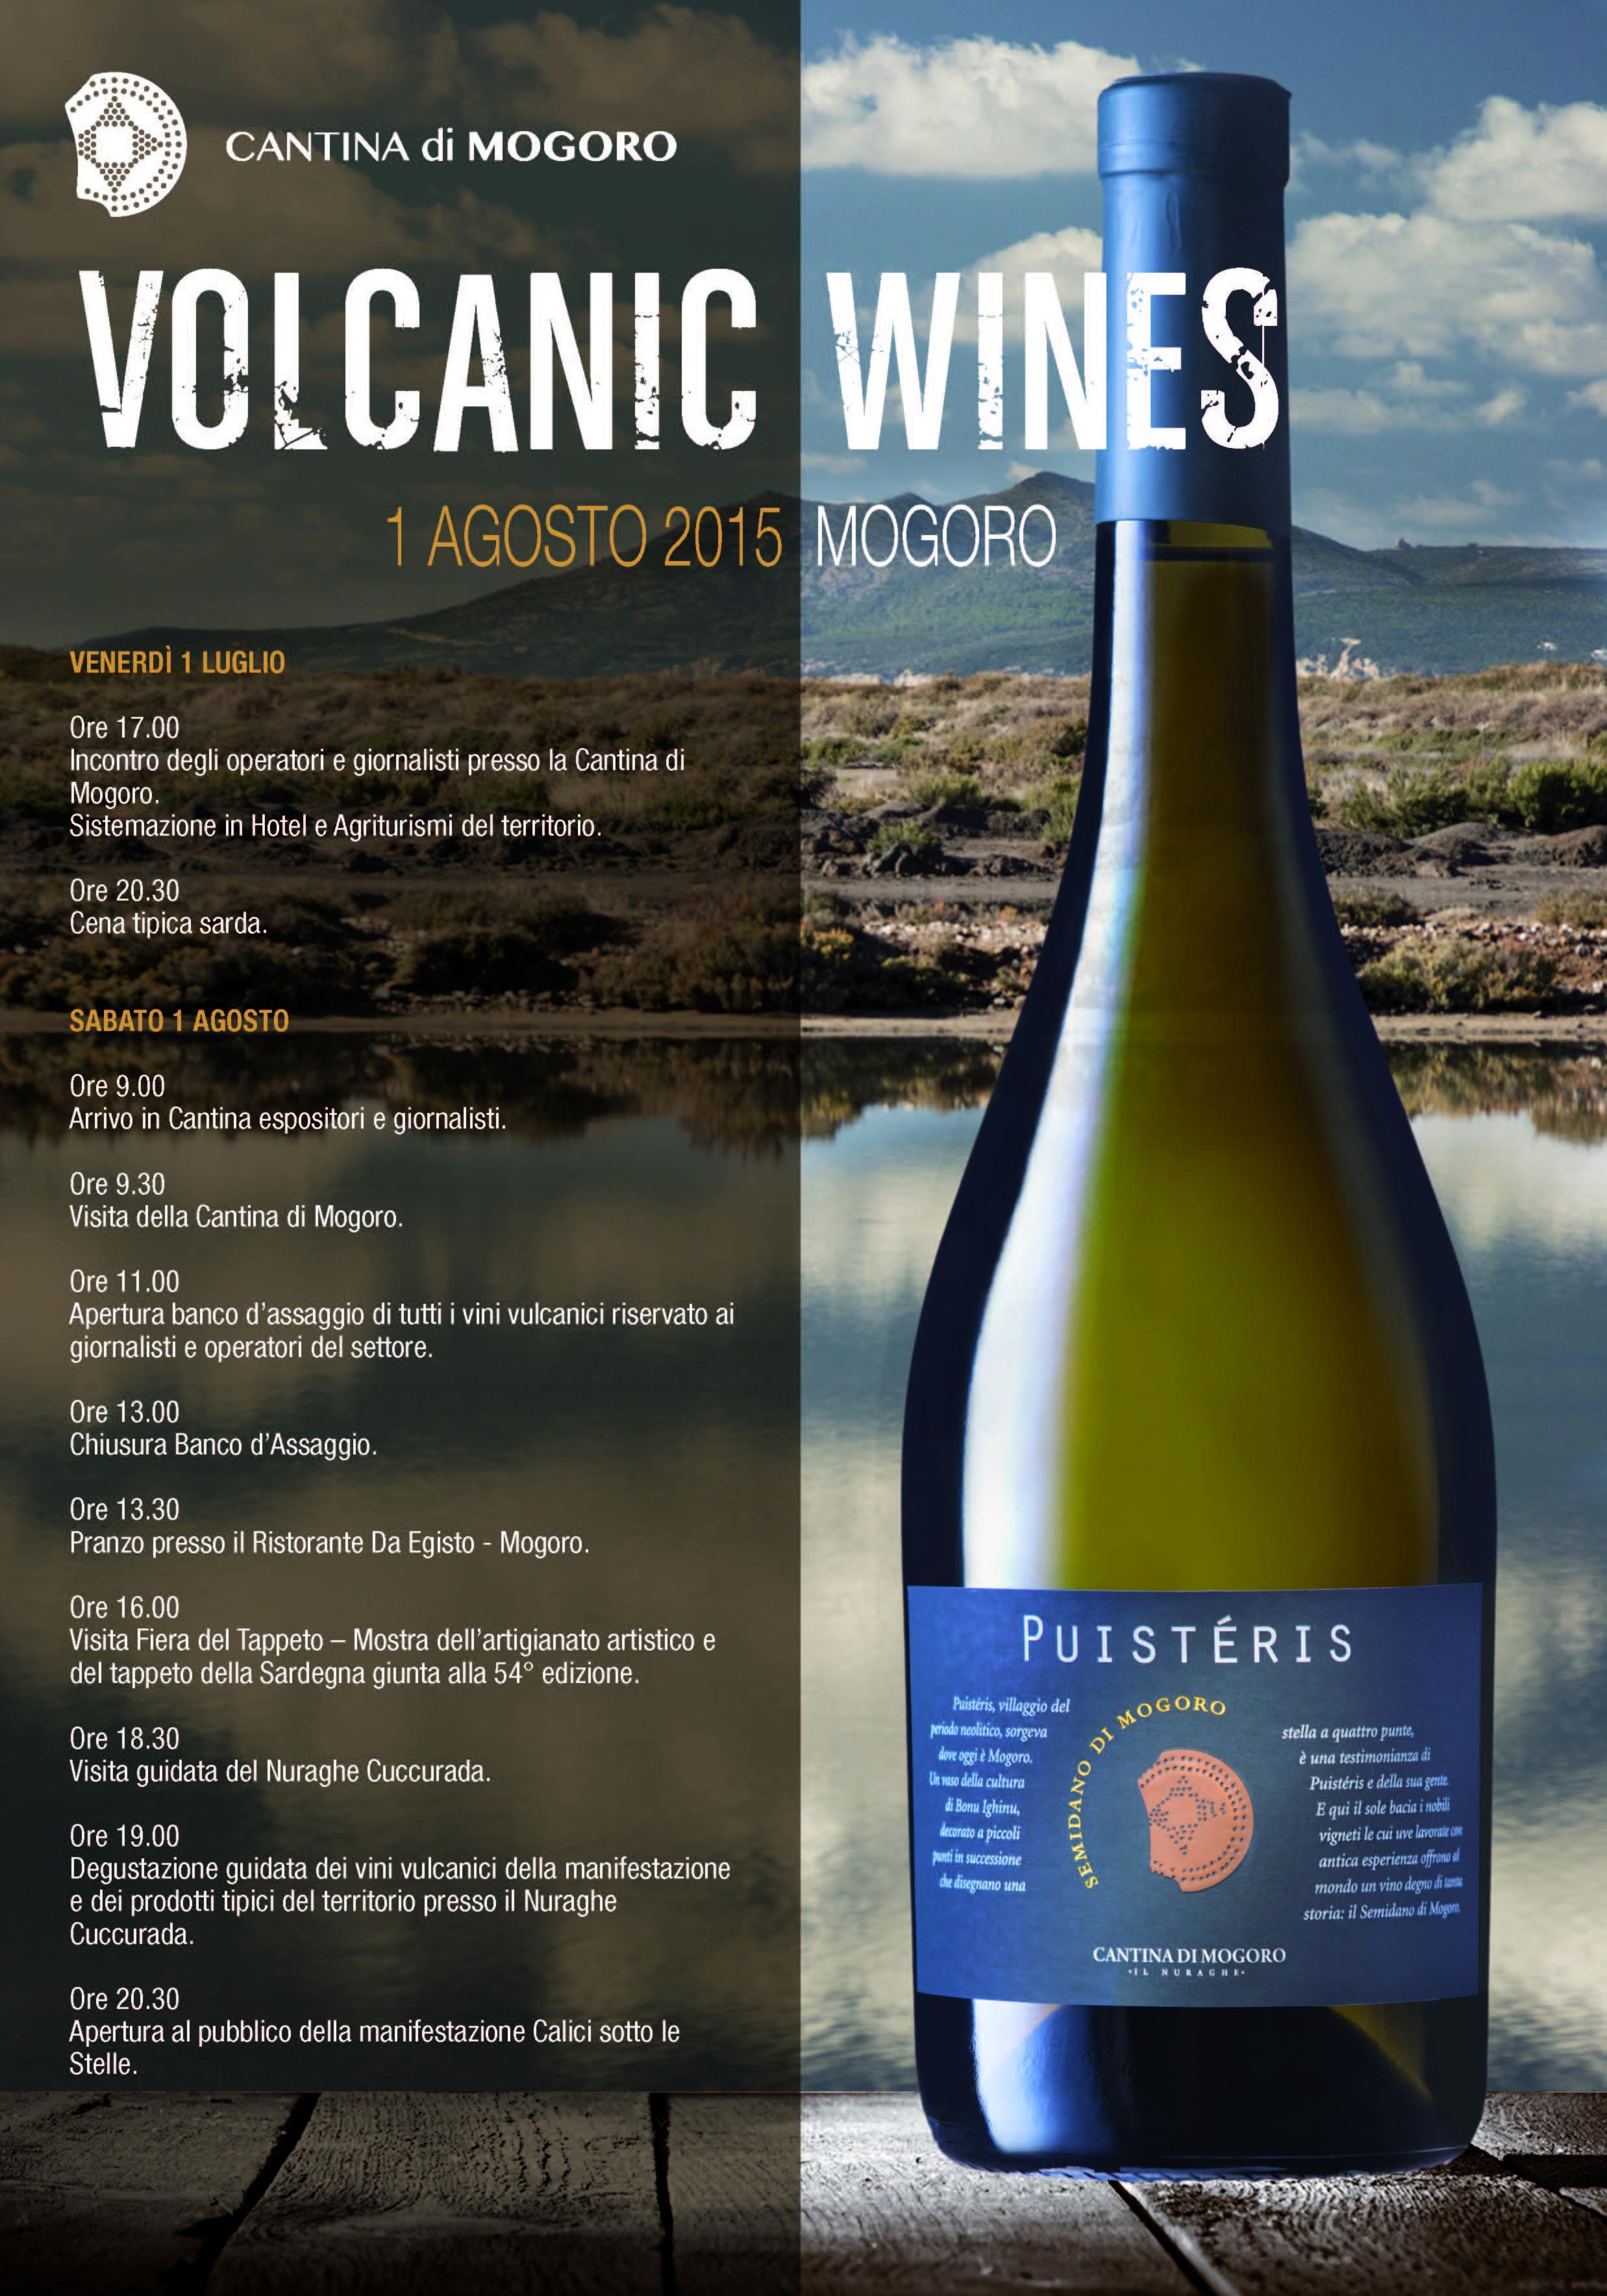 Sardegna, Pantelleria e Sicilia, teatri delle nuove iniziative promozionali dell'associazione che promuove i vini da suolo vulcanico che rinfrescano l'estate.